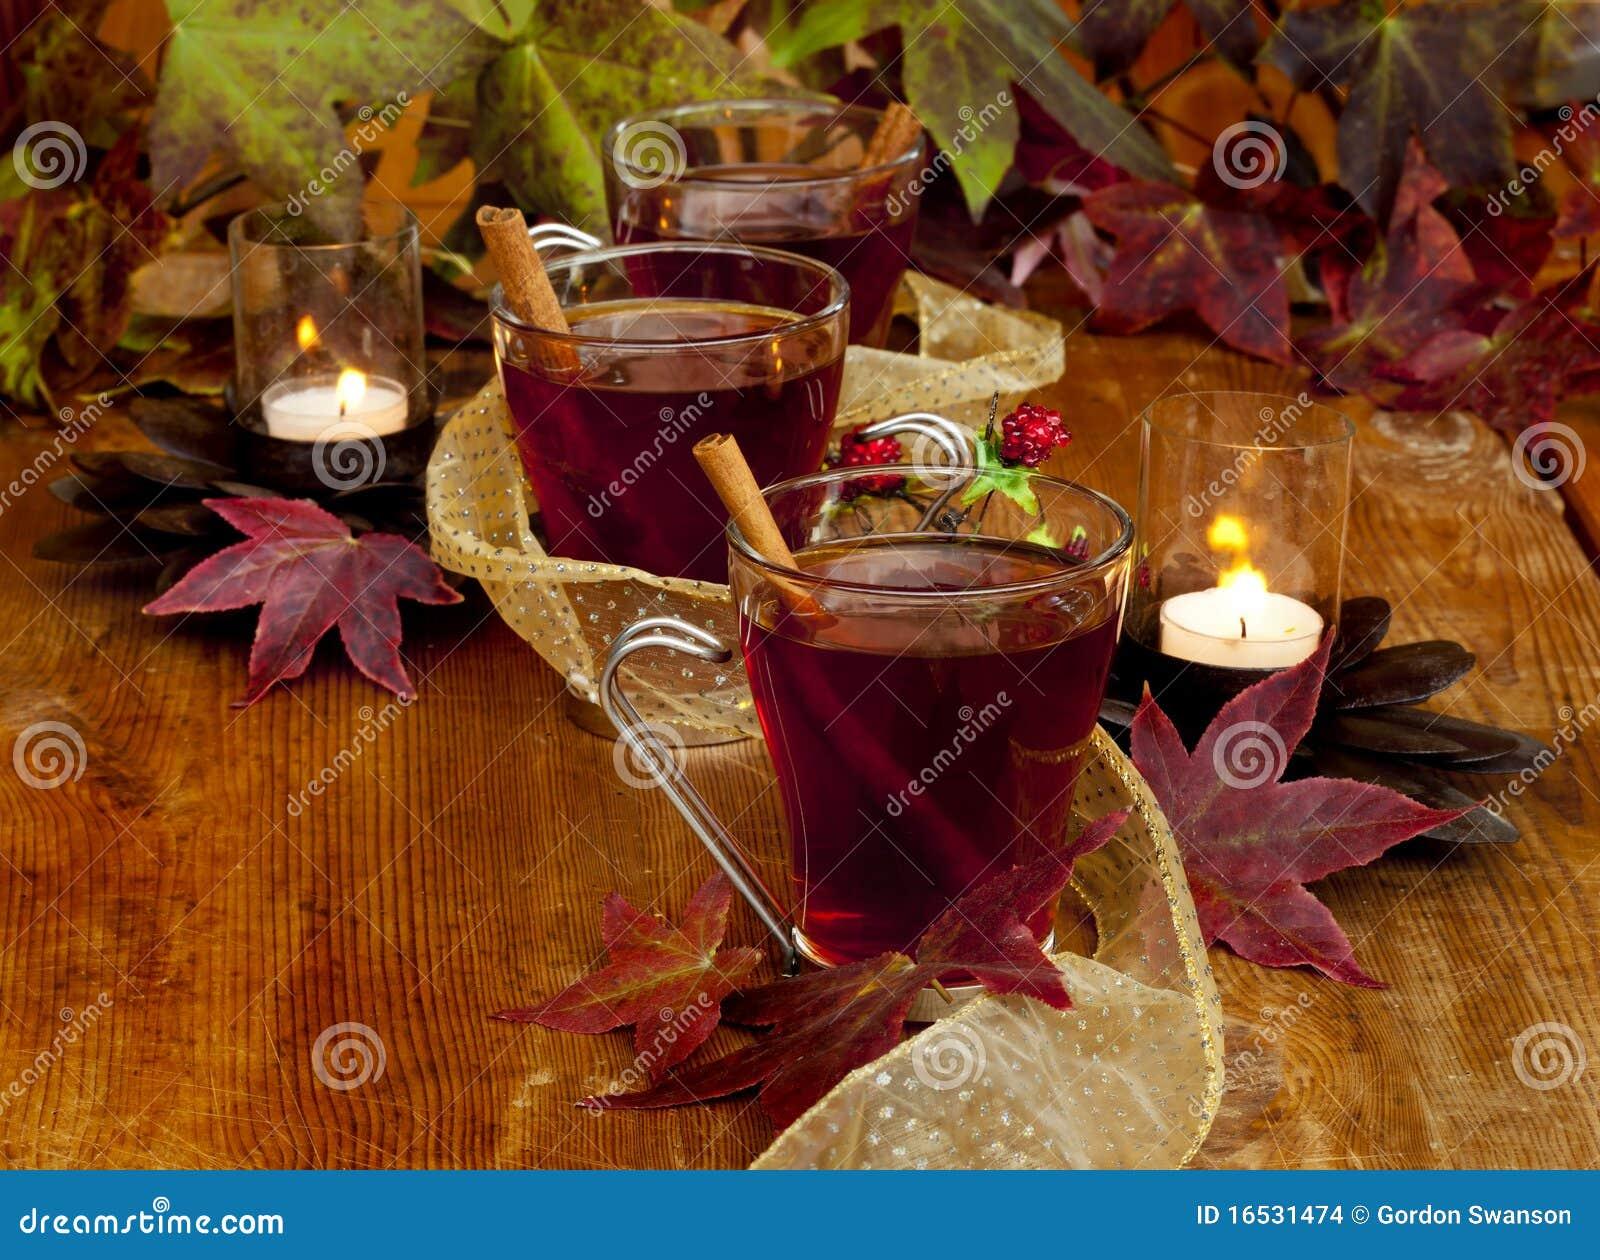 Dekorativa exponeringsglas för cider